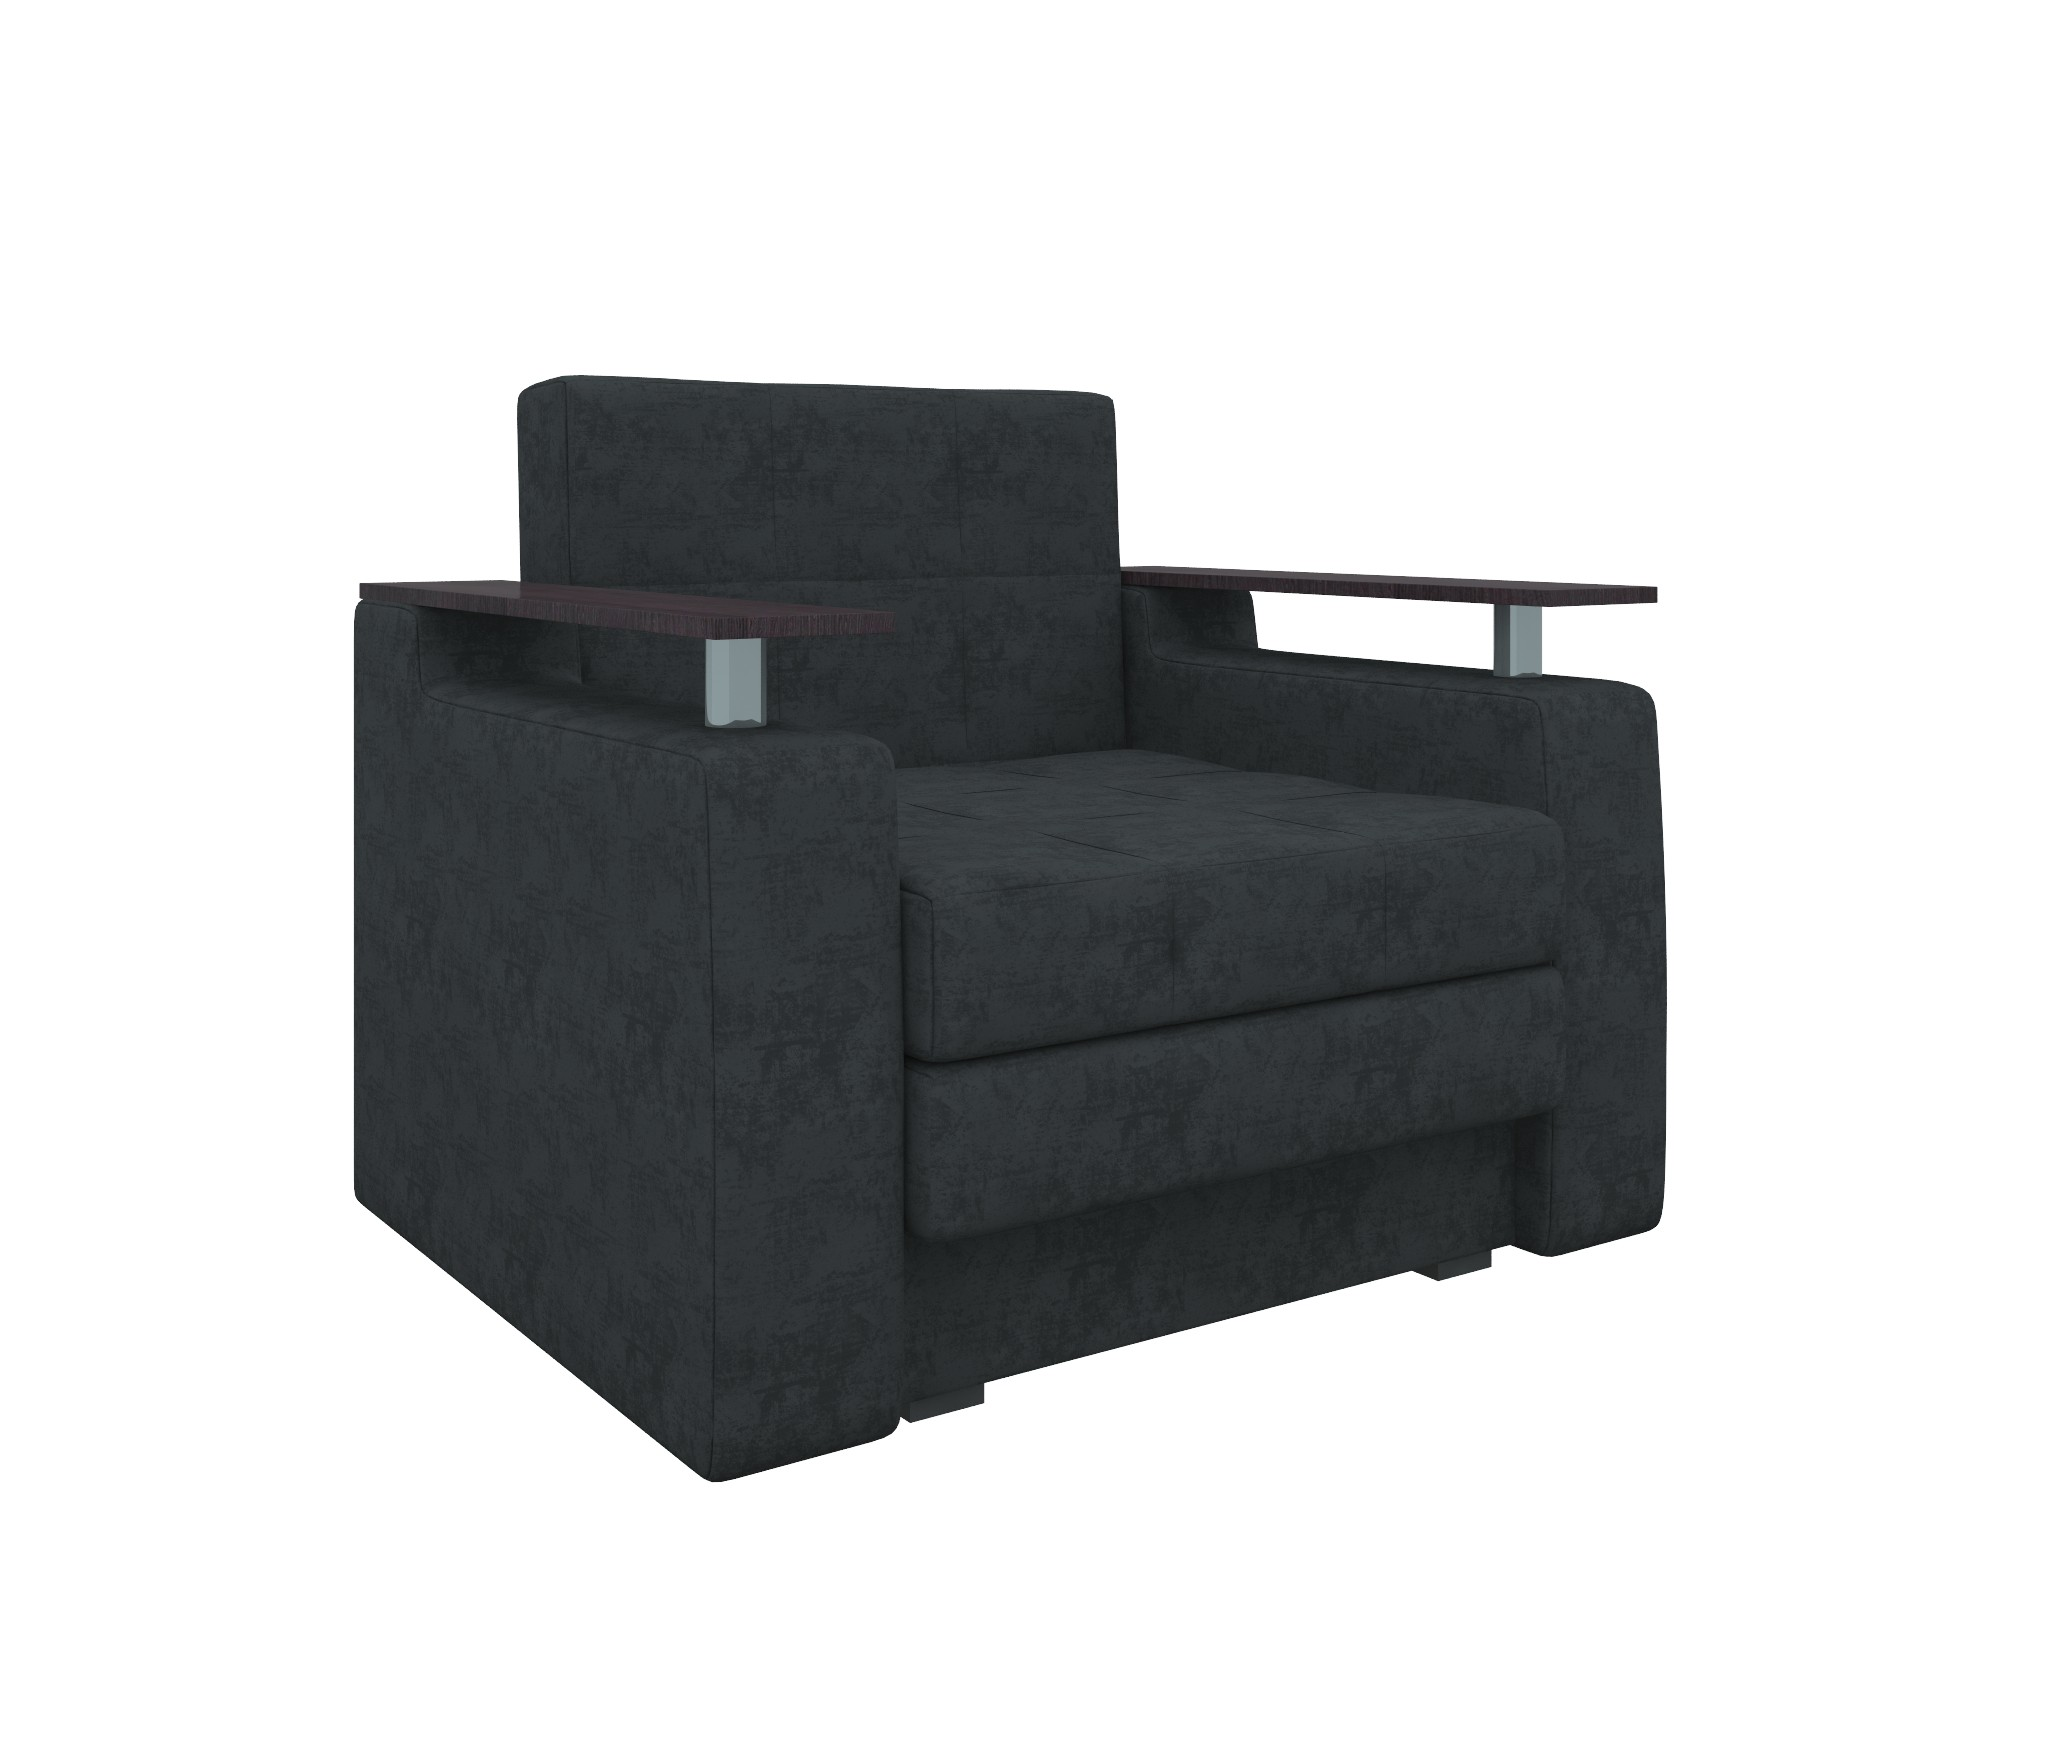 Кресло-кровать Комфорт вельветМягкая мебель<br><br><br>Длина мм: 1060<br>Высота мм: 800<br>Глубина мм: 850